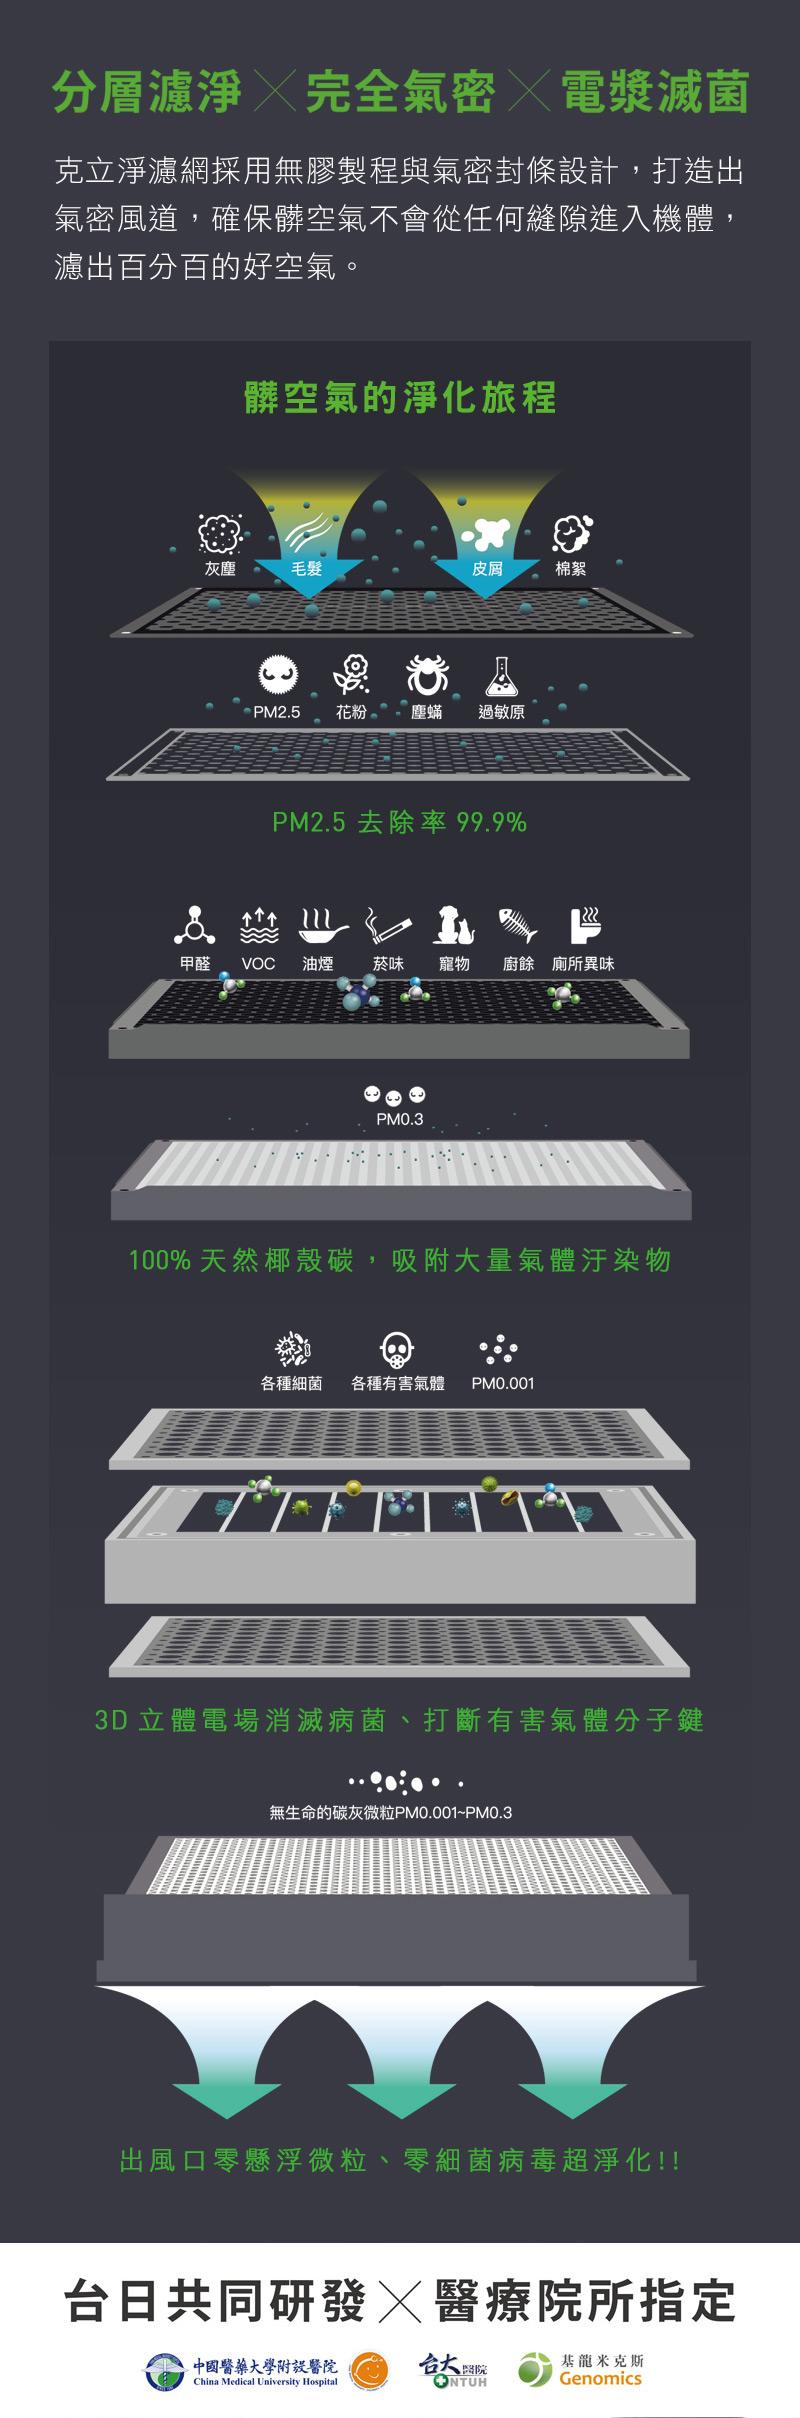 NEW週年慶LP_mobile_20191112_v5_07